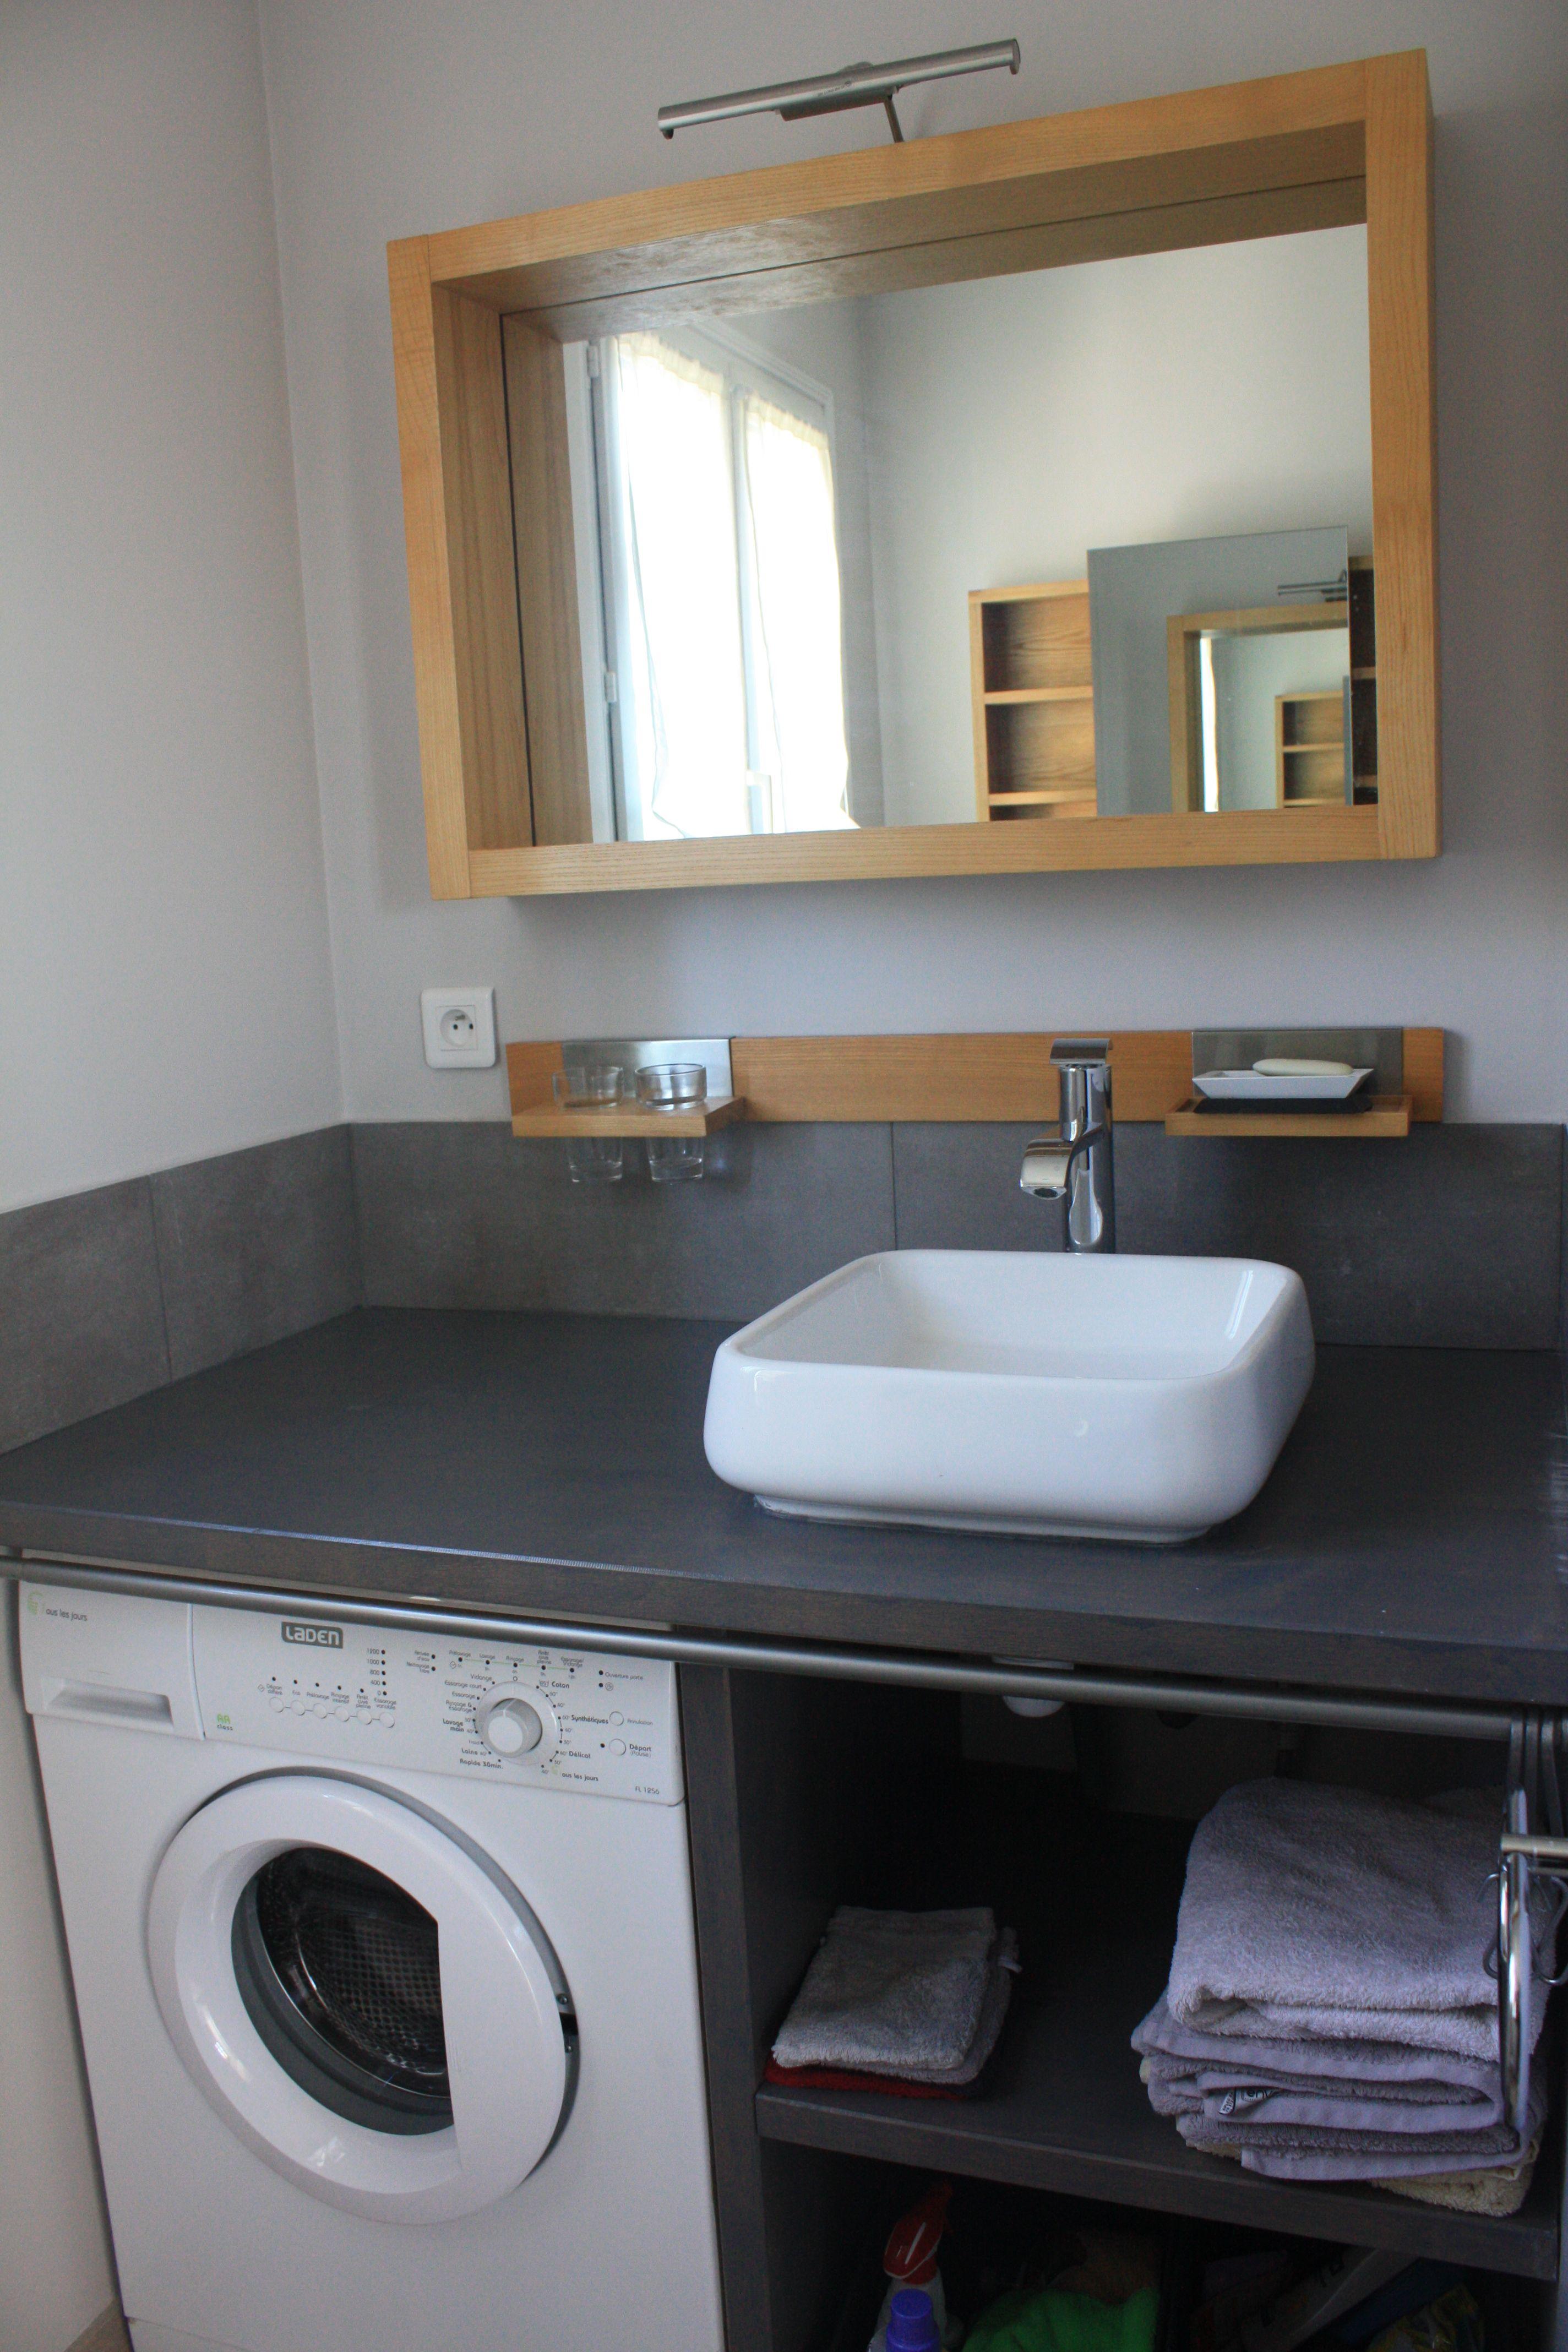 Salle De Bain Comprenant Vasque Douche Wc Lave Linge Rangement Linge De Toilette Salle De Bain Design Idee Salle De Bain Meuble Salle De Bain